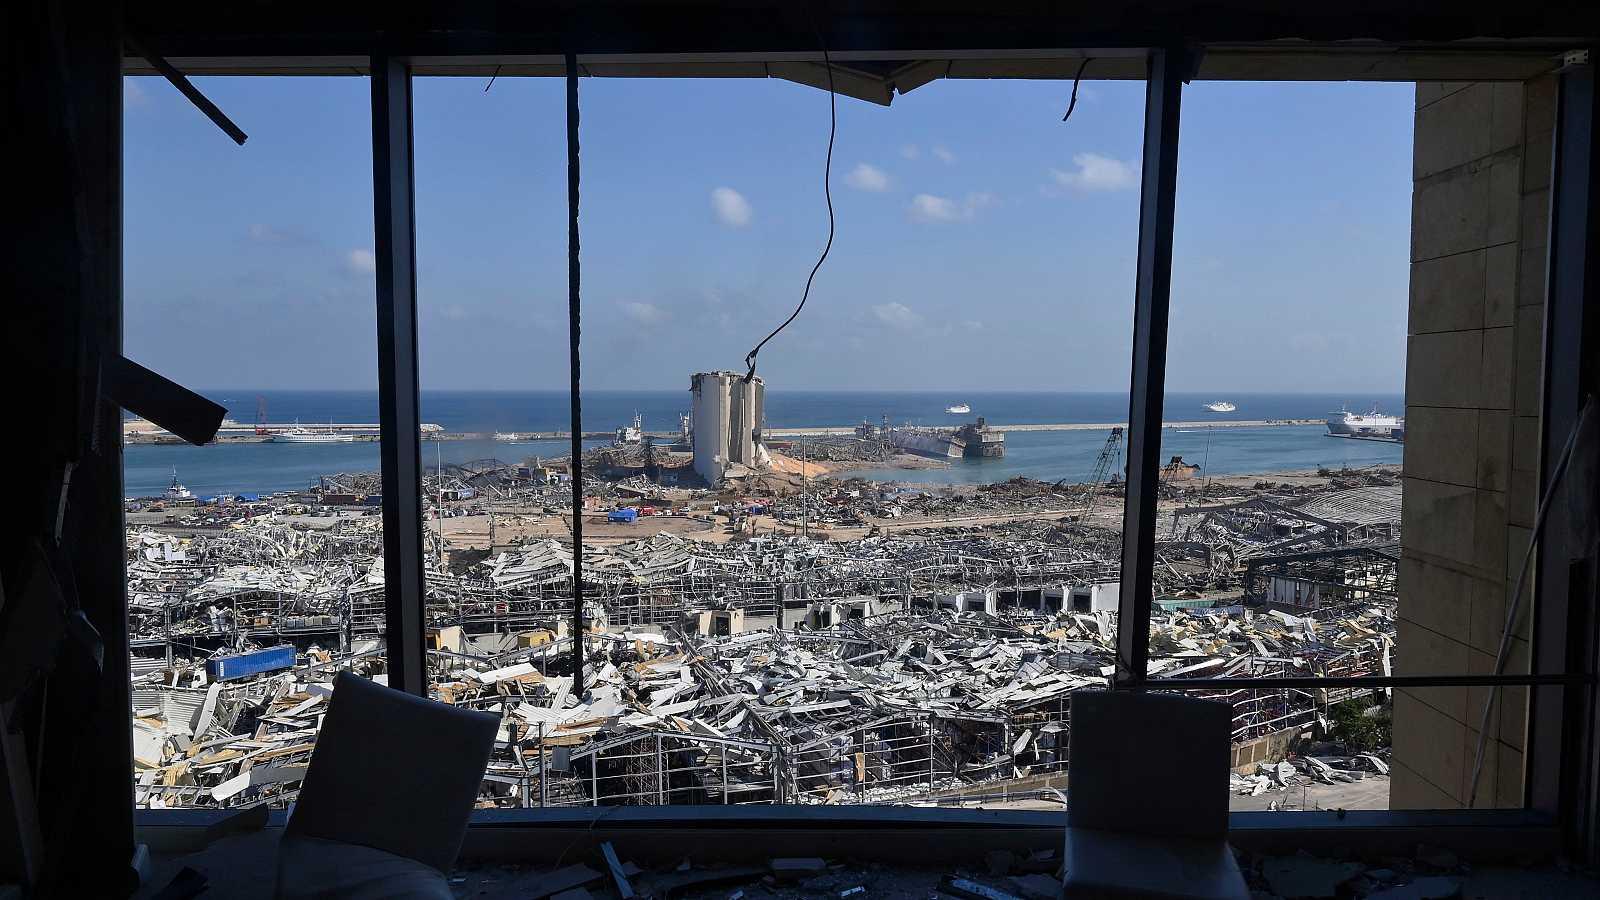 Una imagen tomada desde el interior de un edificio dañado muestra el área del puerto destruida como consecuencia de la explosión